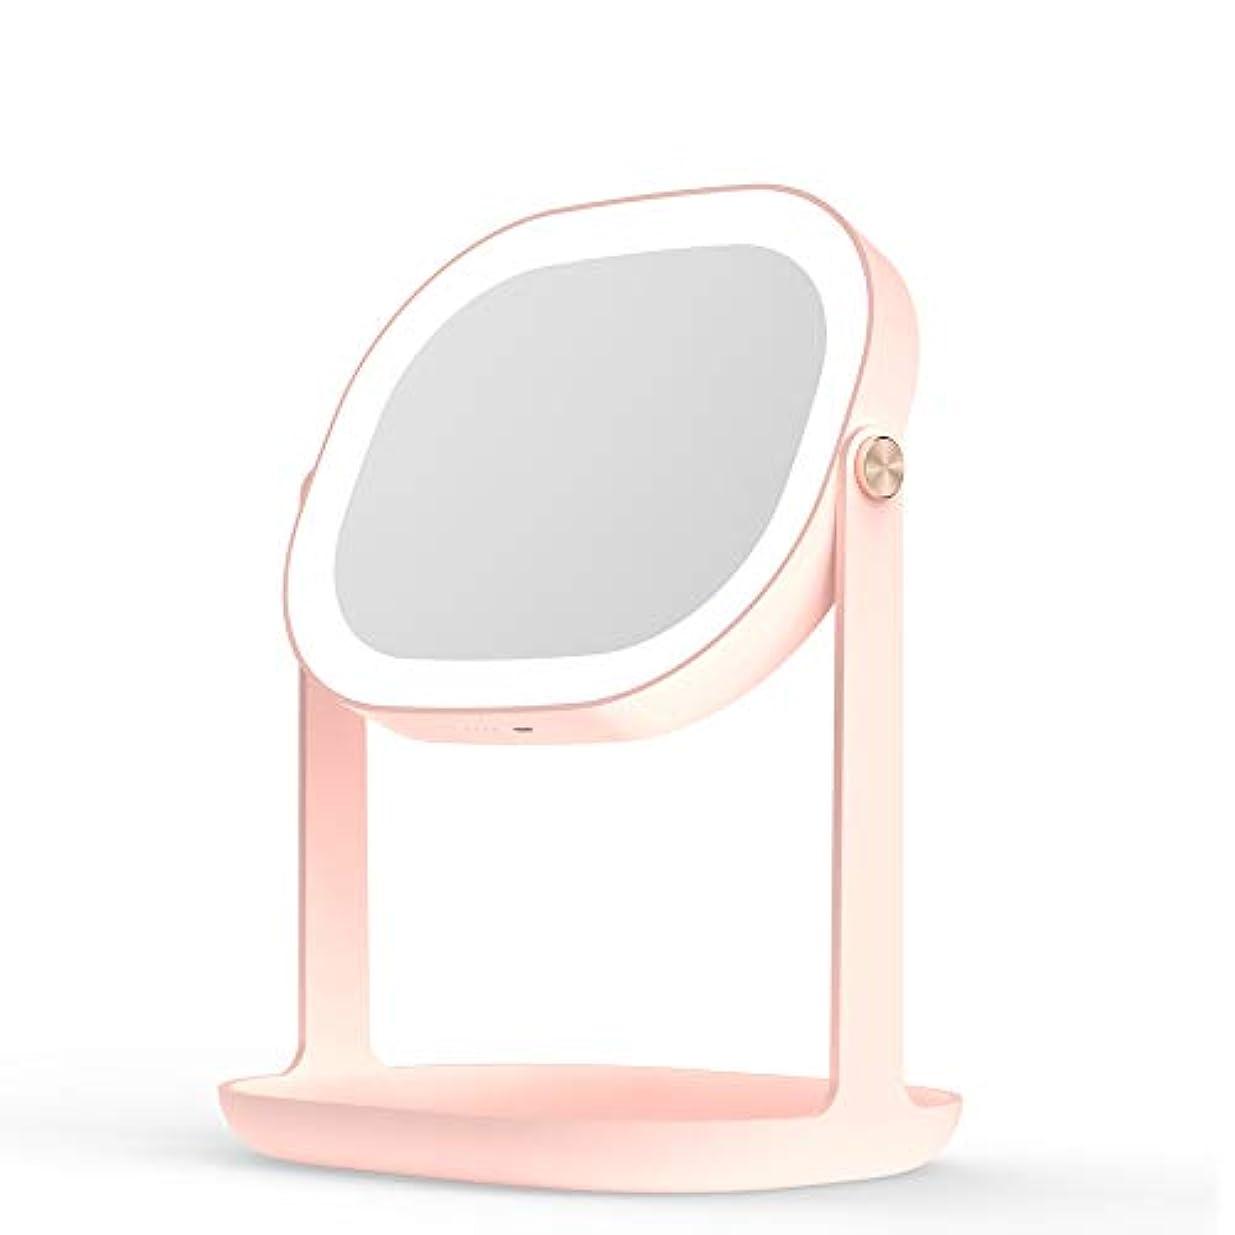 乱すぼろ政府化粧鏡 LEDライトと化粧品収納ボックス付き 明るさ調節可能 高品質ガラス360°回転 48時間使用できる 、壁にDIY掛けるベルトも付き